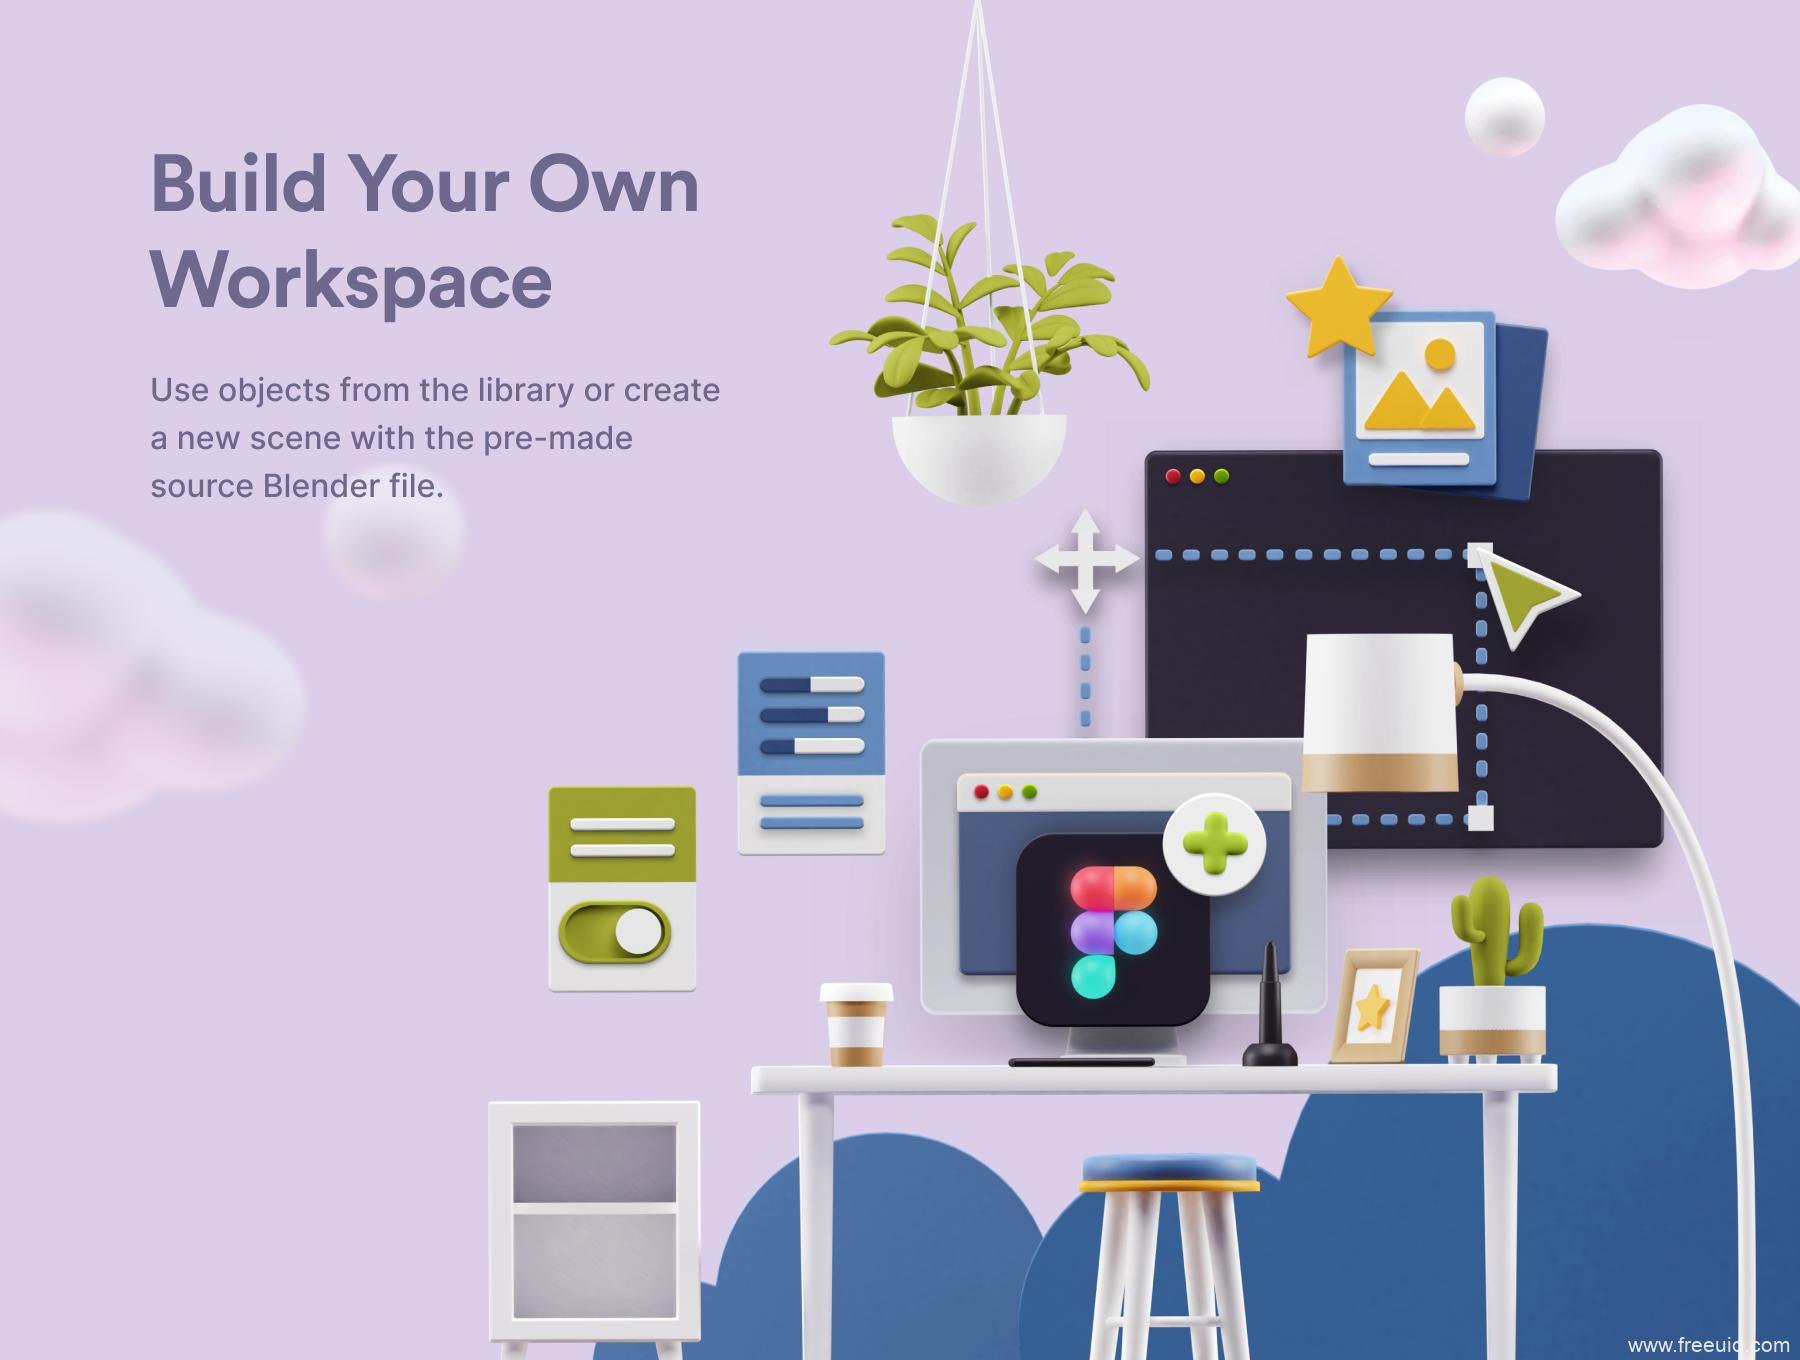 一套办公室场景3D插画资源下载,办公桌办公场景运营3D插画素材blend源文件下载,sketch,blend,fig源文件下载